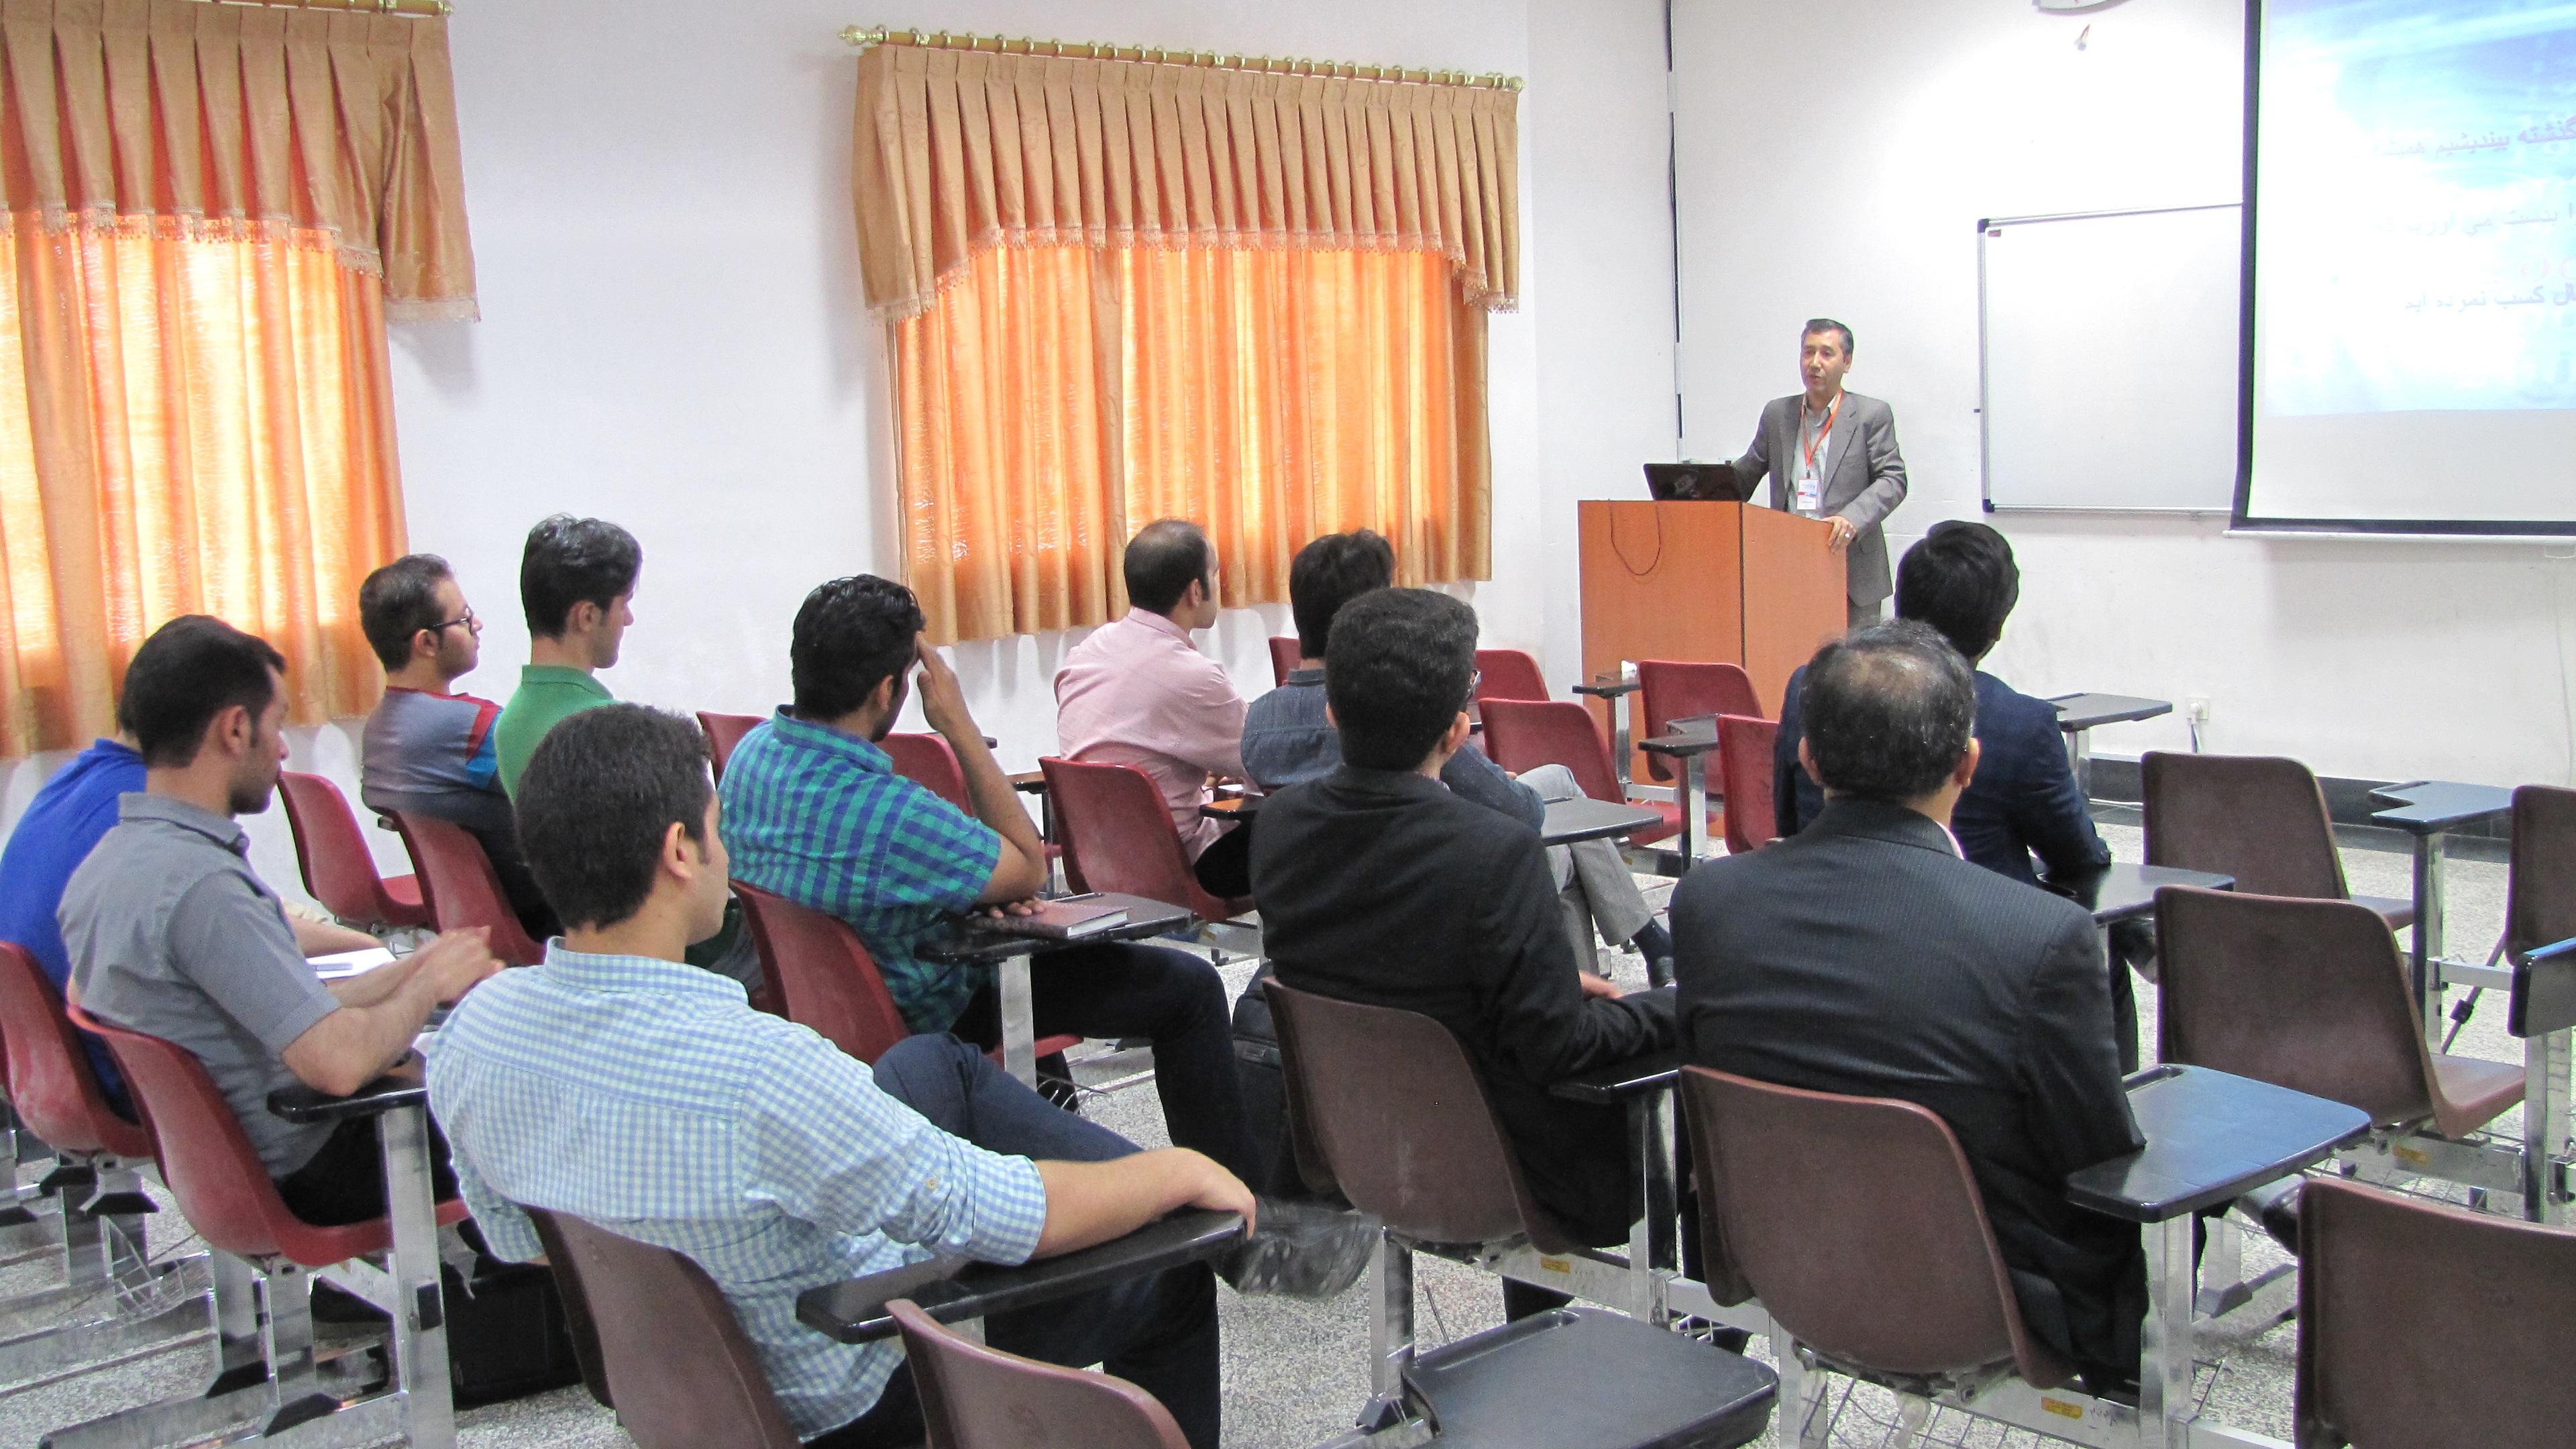 عکس های روز برگزاری کنفرانس